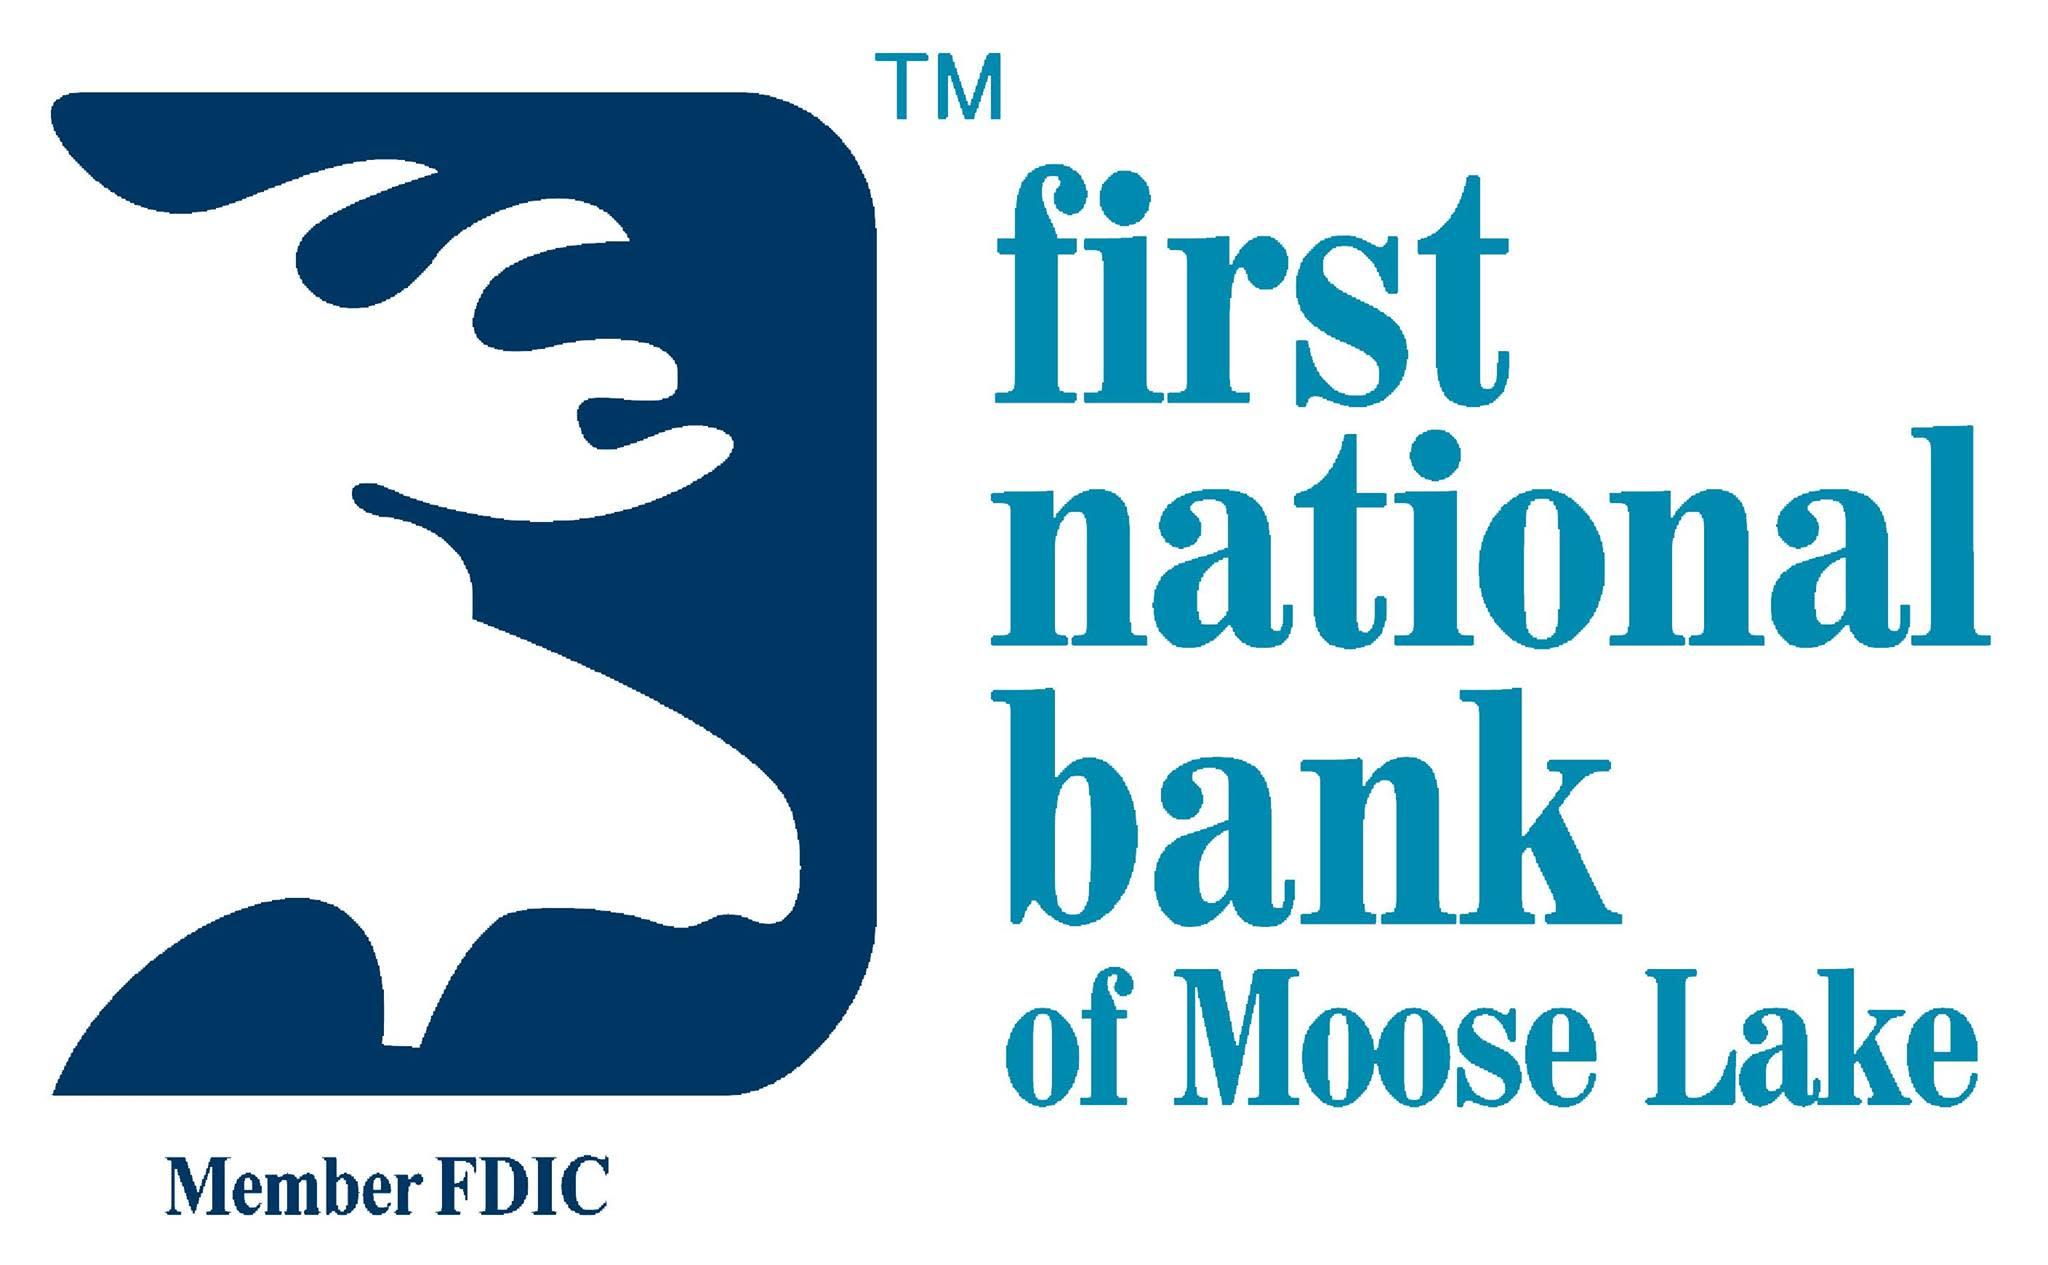 First National Bank of Moose Lake